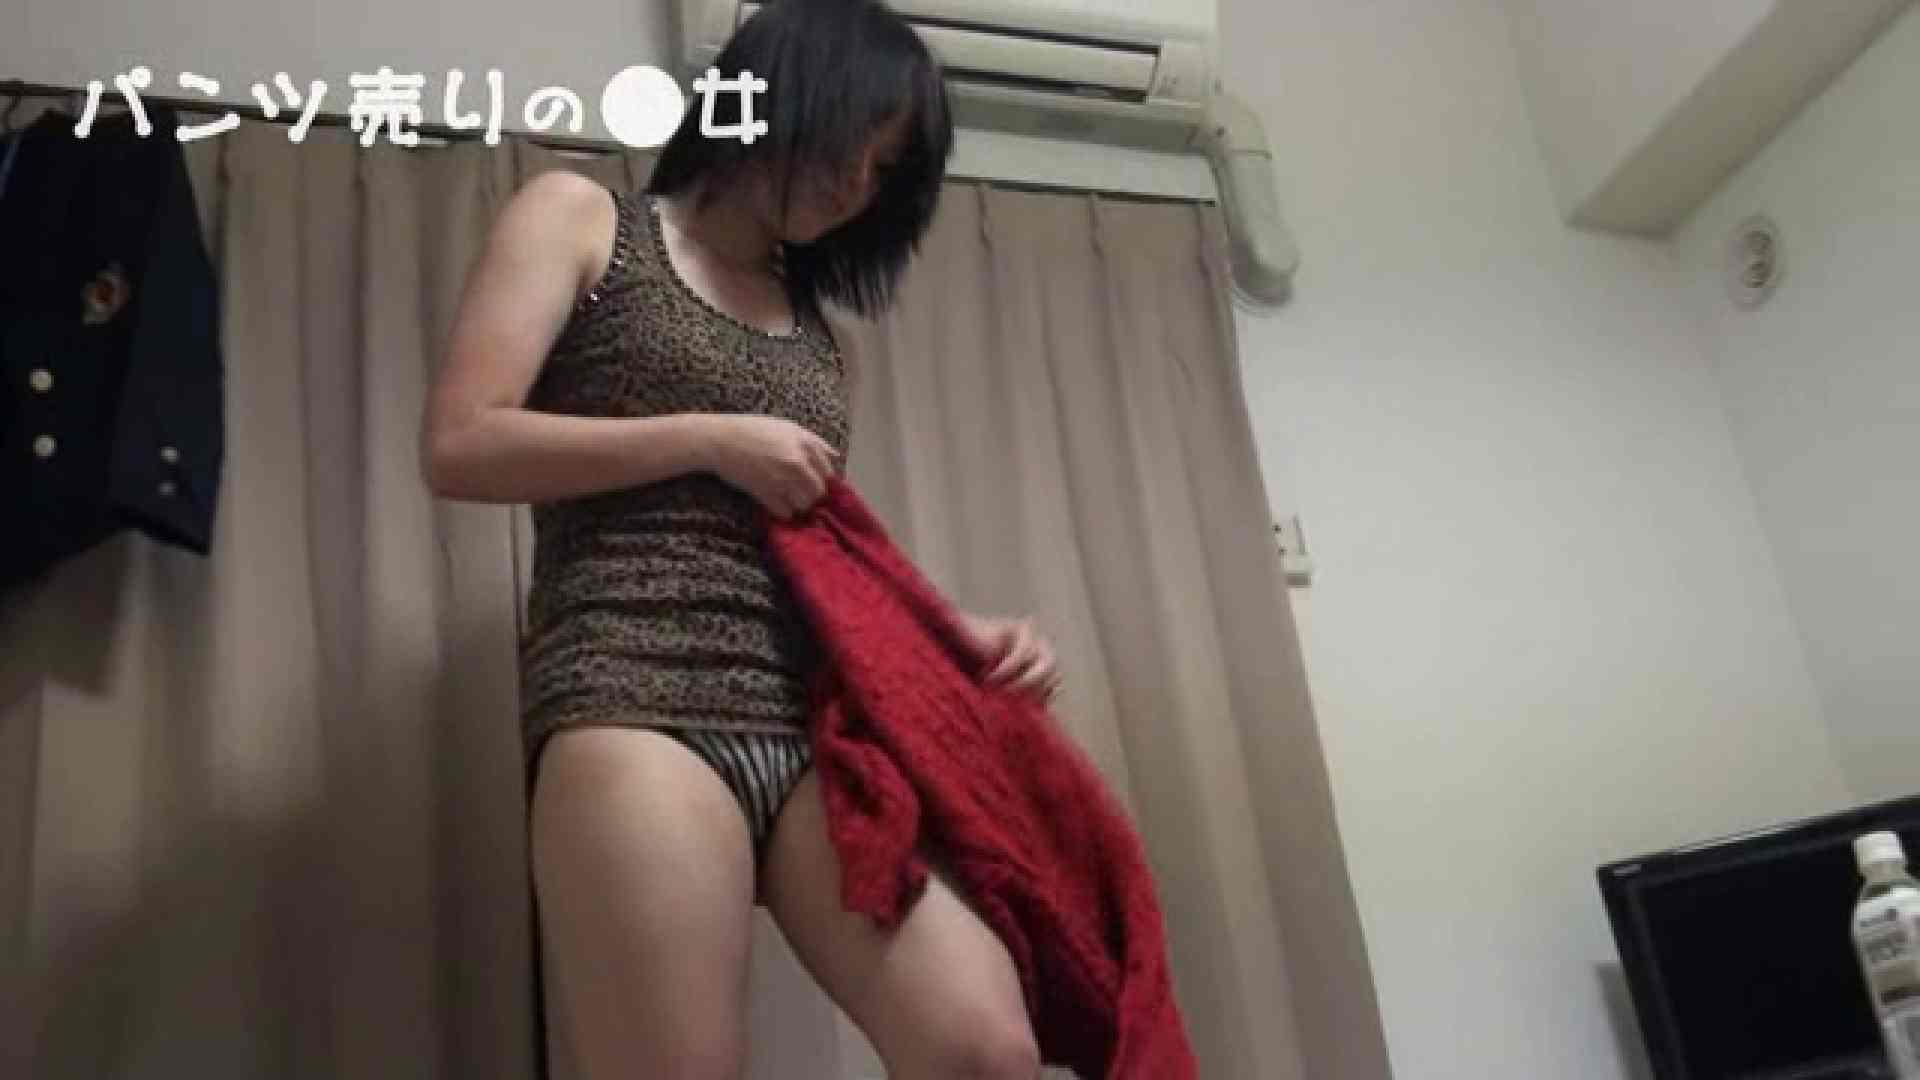 新説 パンツ売りの女の子mizuki 一般投稿  83pic 58